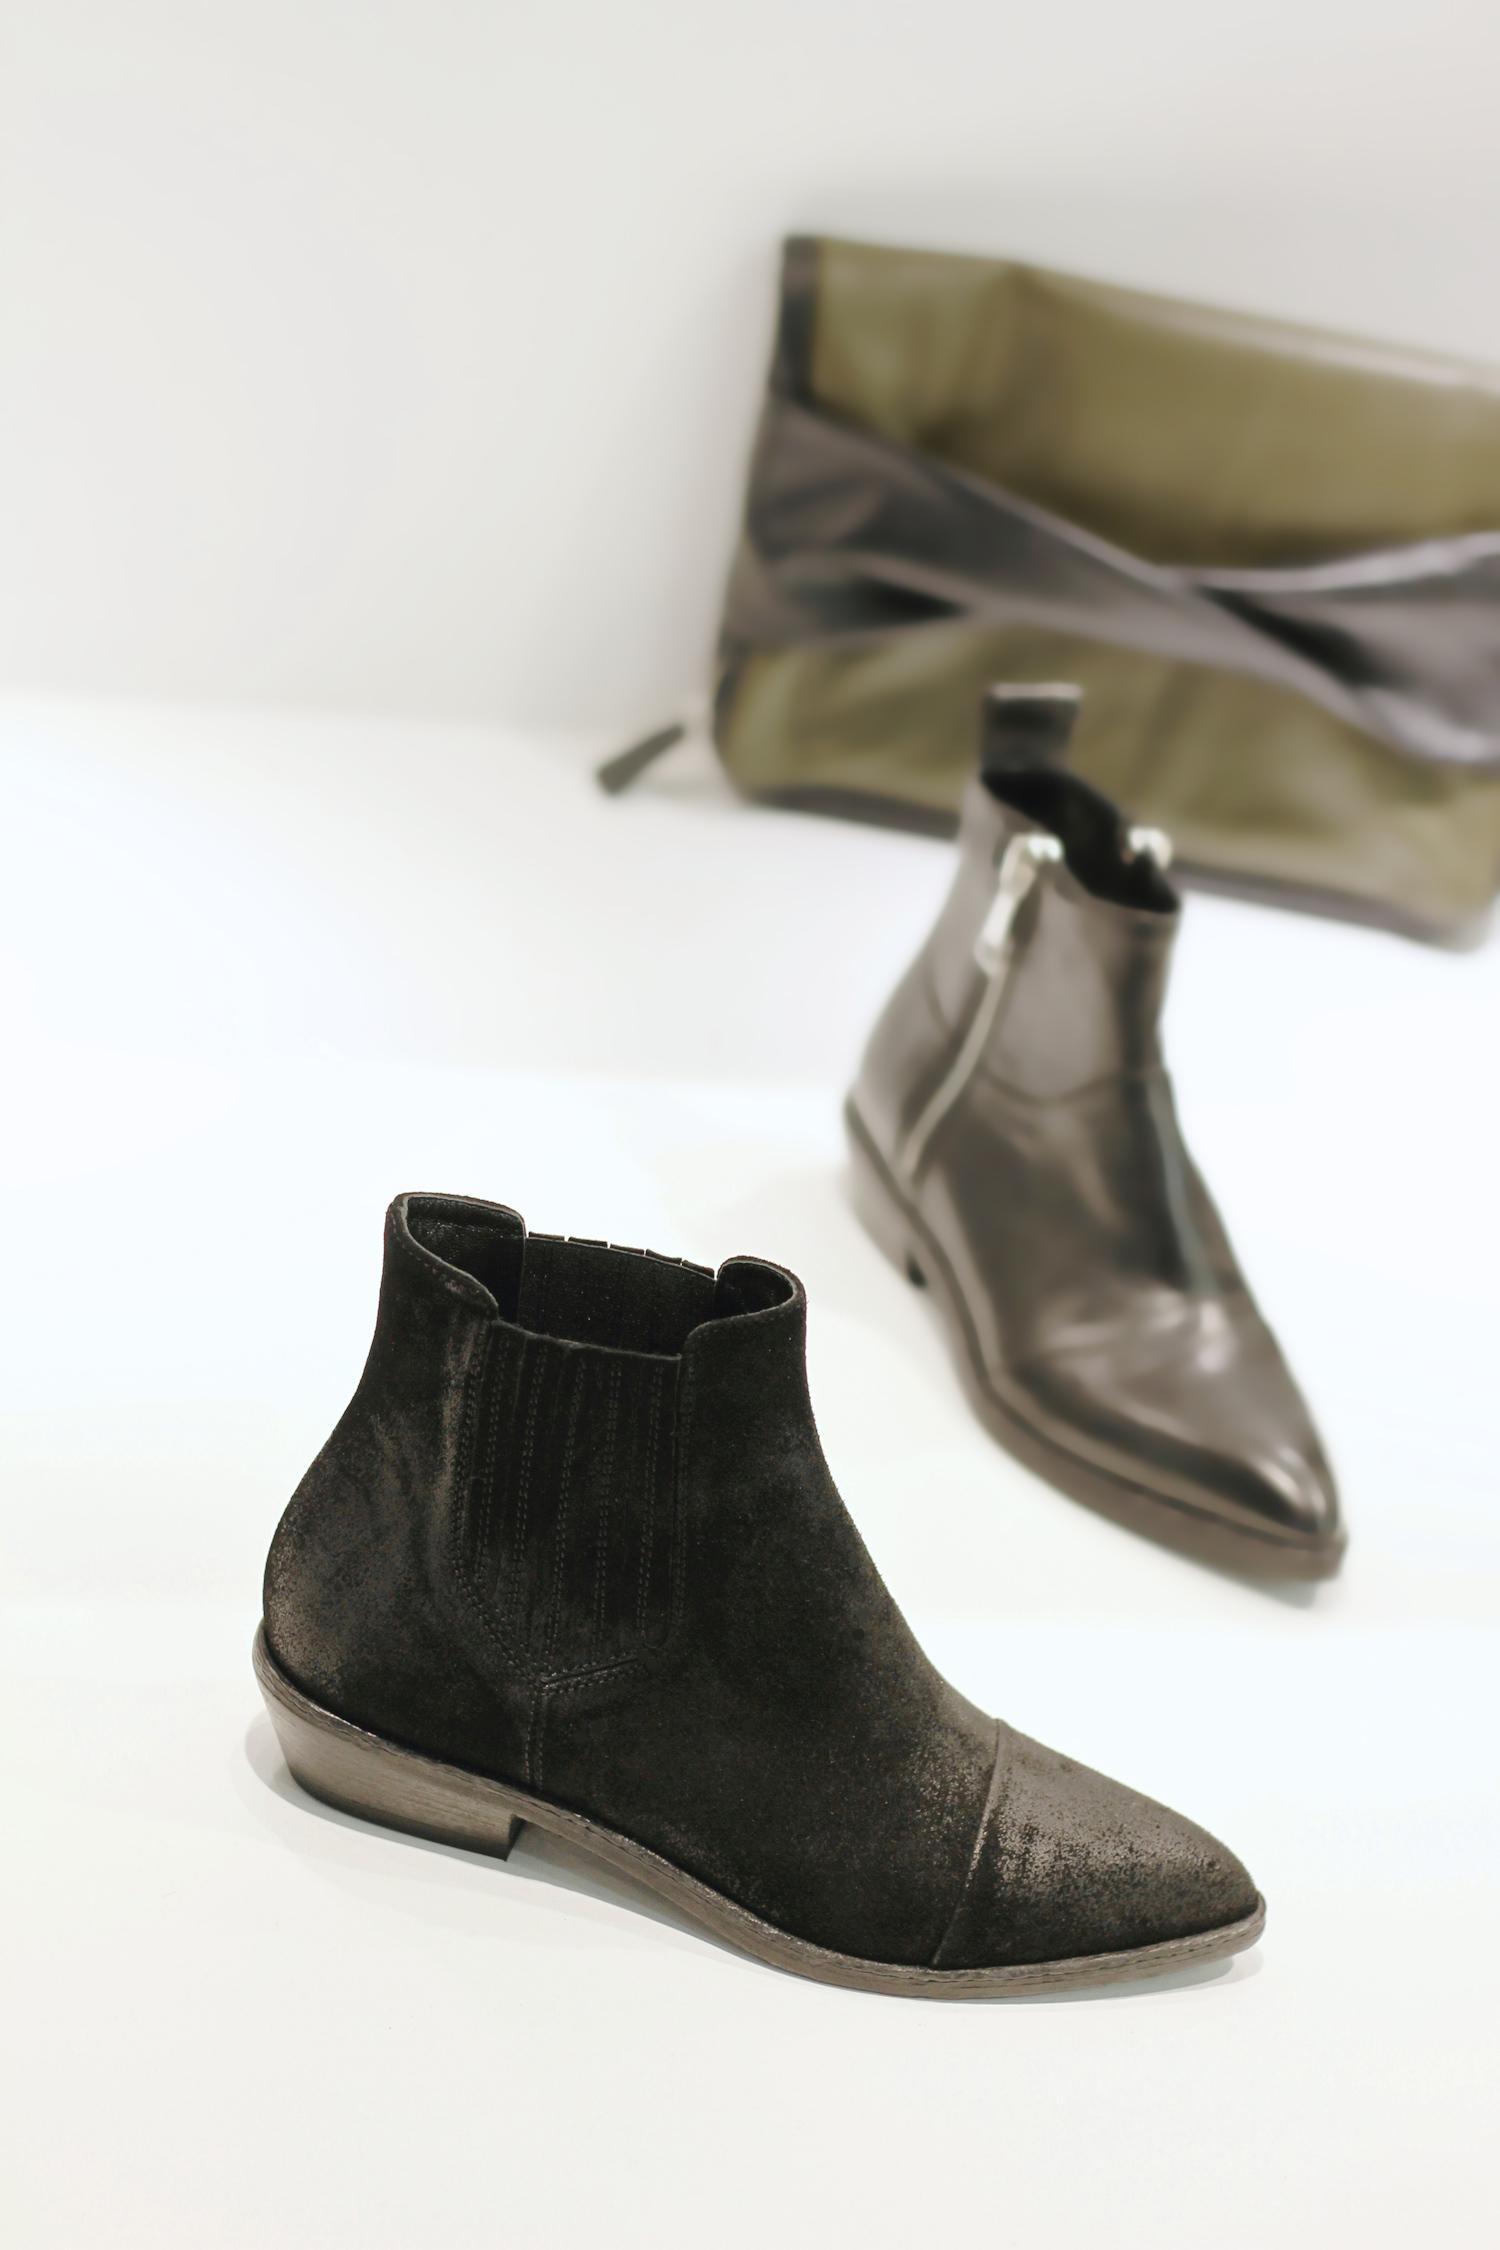 boots Accessoire Diffusion boutique La Suite